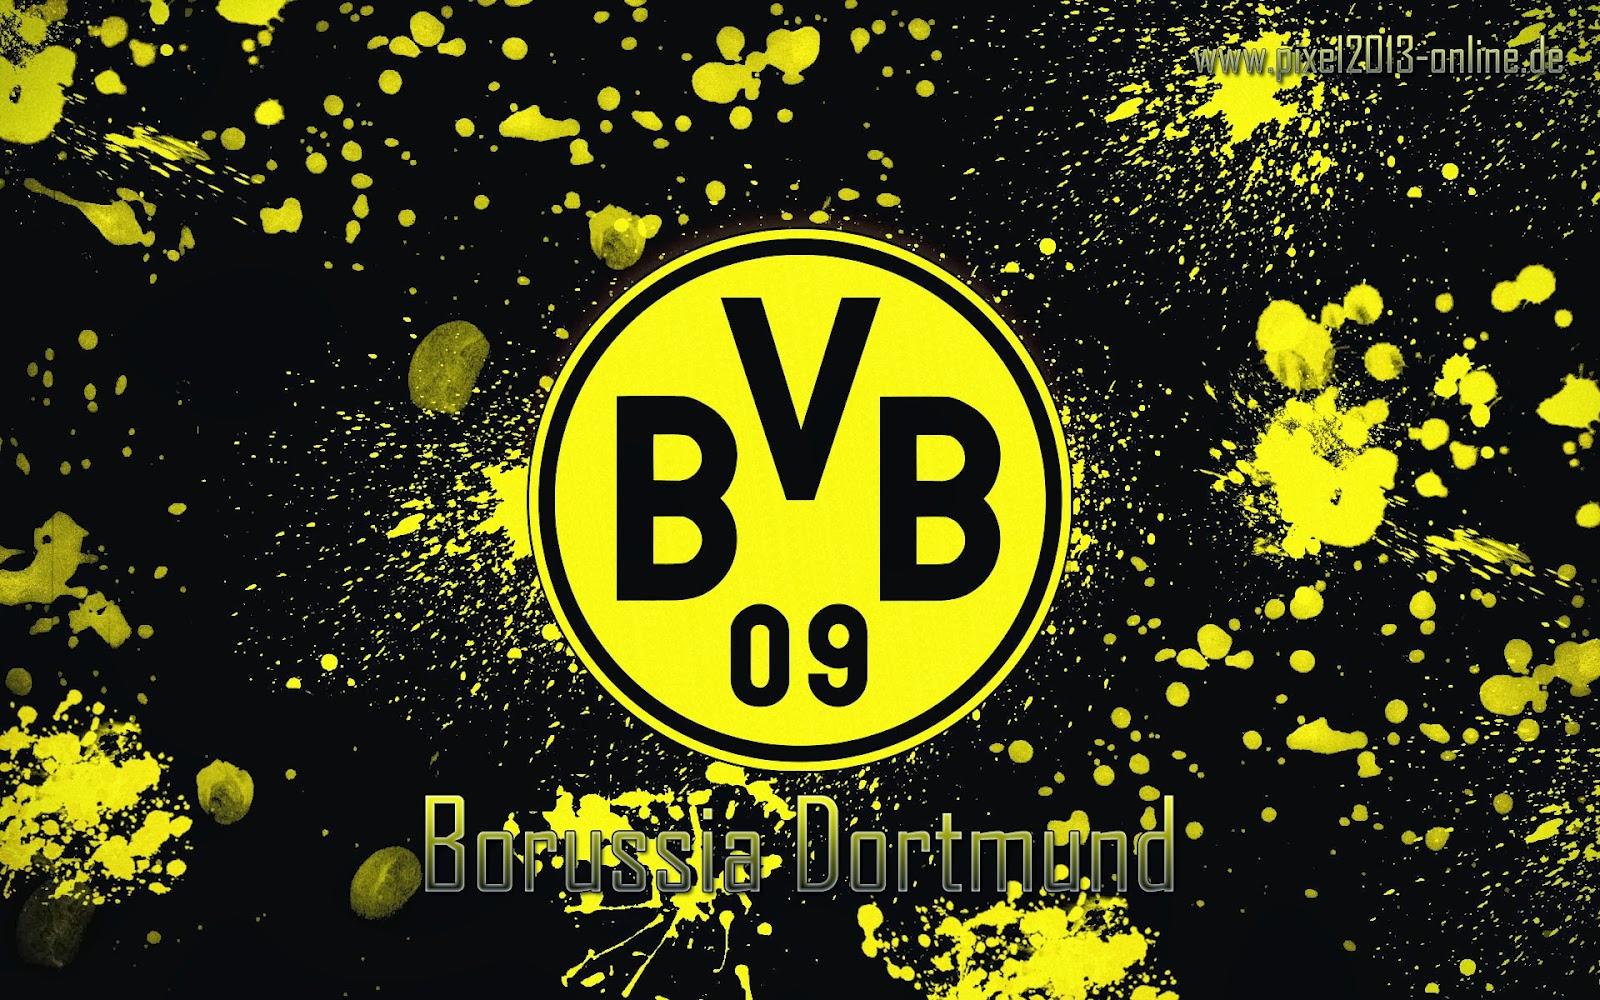 Borussia Dortmund Fc New Hd Wallpapers 2014 2015